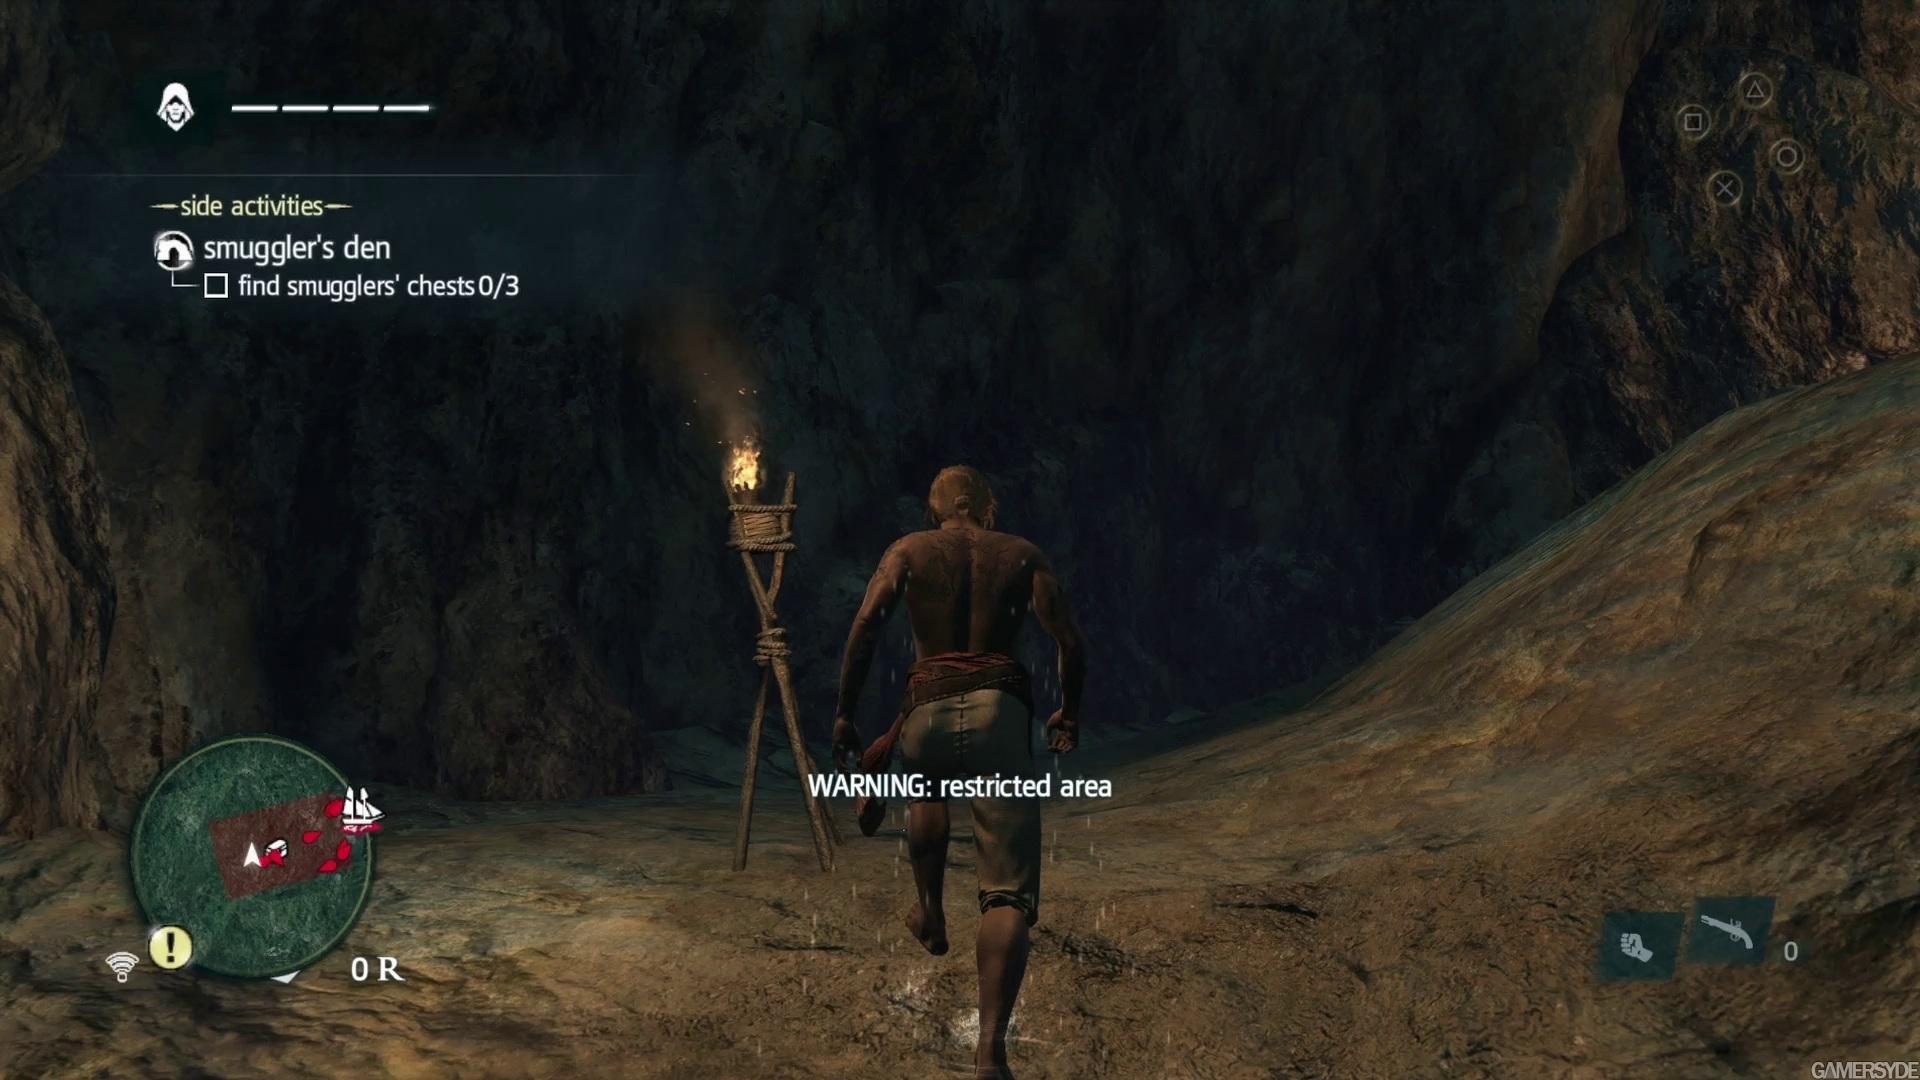 image   23118 1 0012 با تصاویر جدید Assassins Creed IV، شکار کوسه، پیدا کردن گنج ها در زیر آب و بیشتر را ببینید